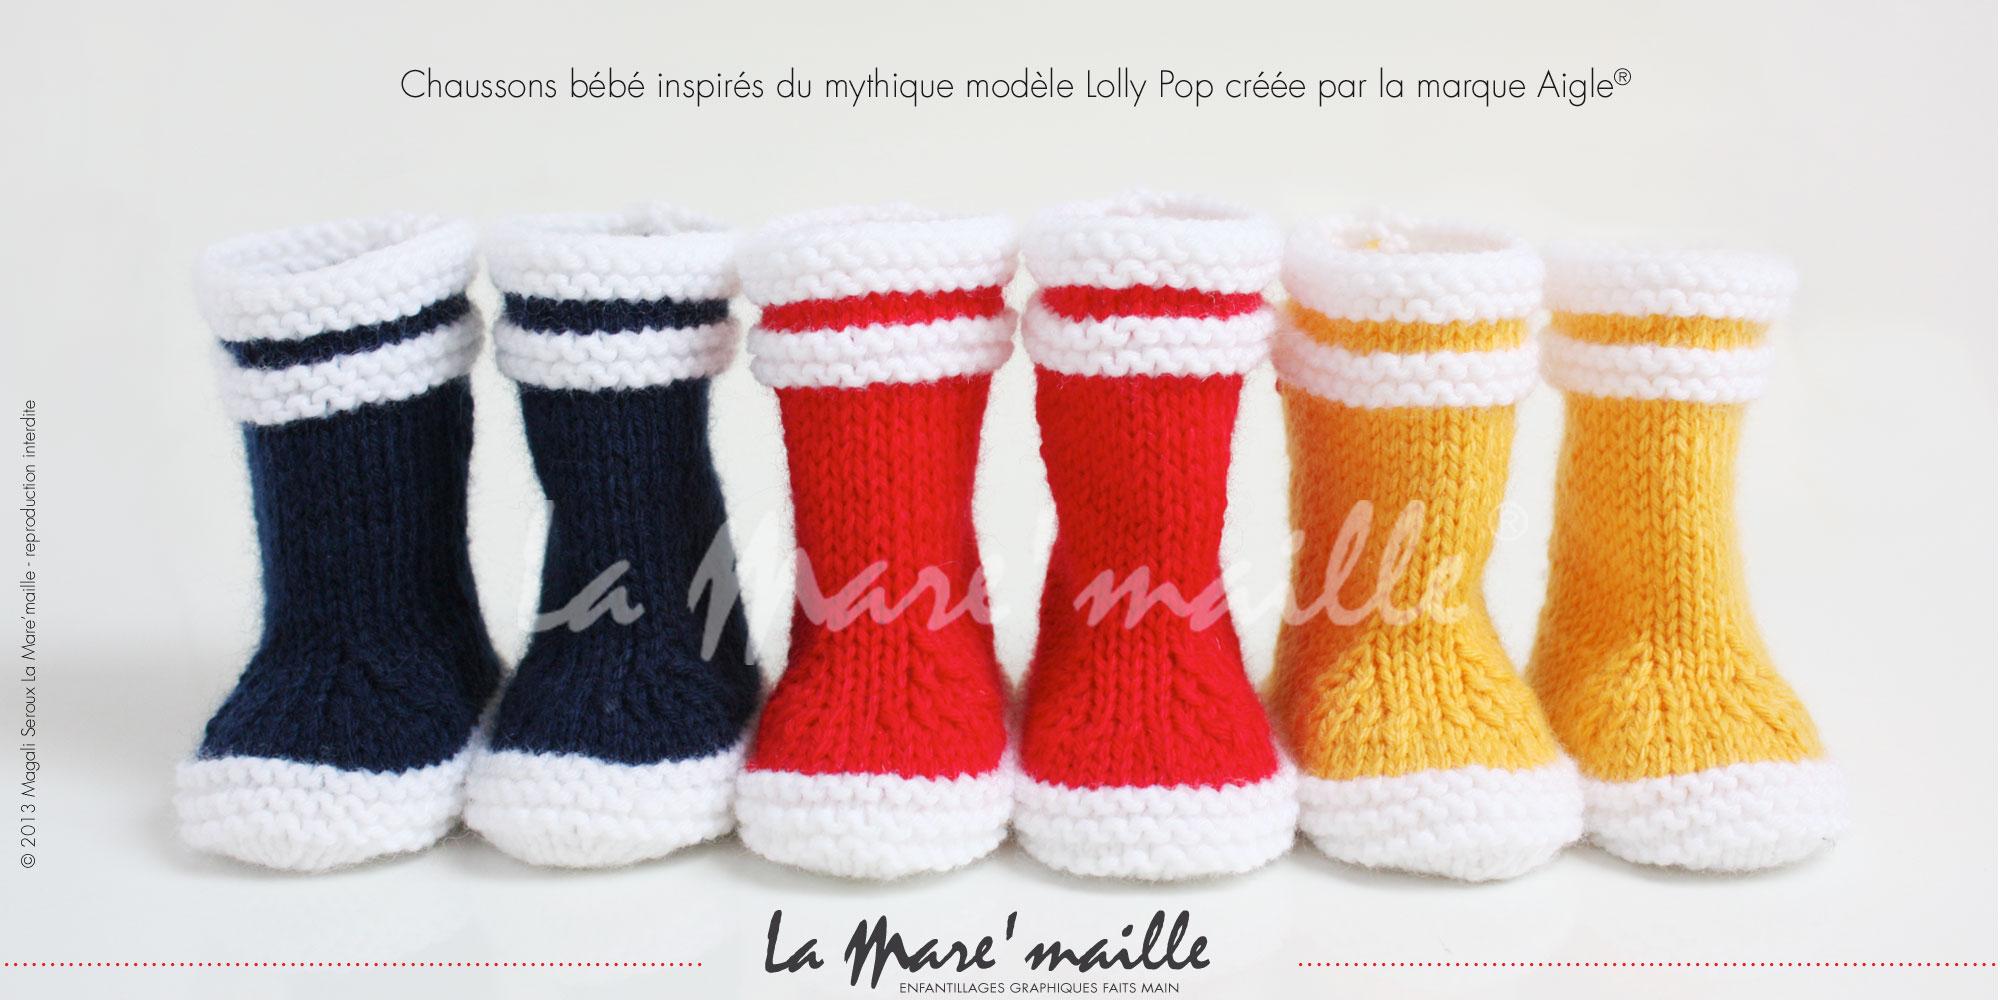 Style Pluie Mare'maille Pour Bébé Chaussons Bottes De La Marin Ib76gyYfv